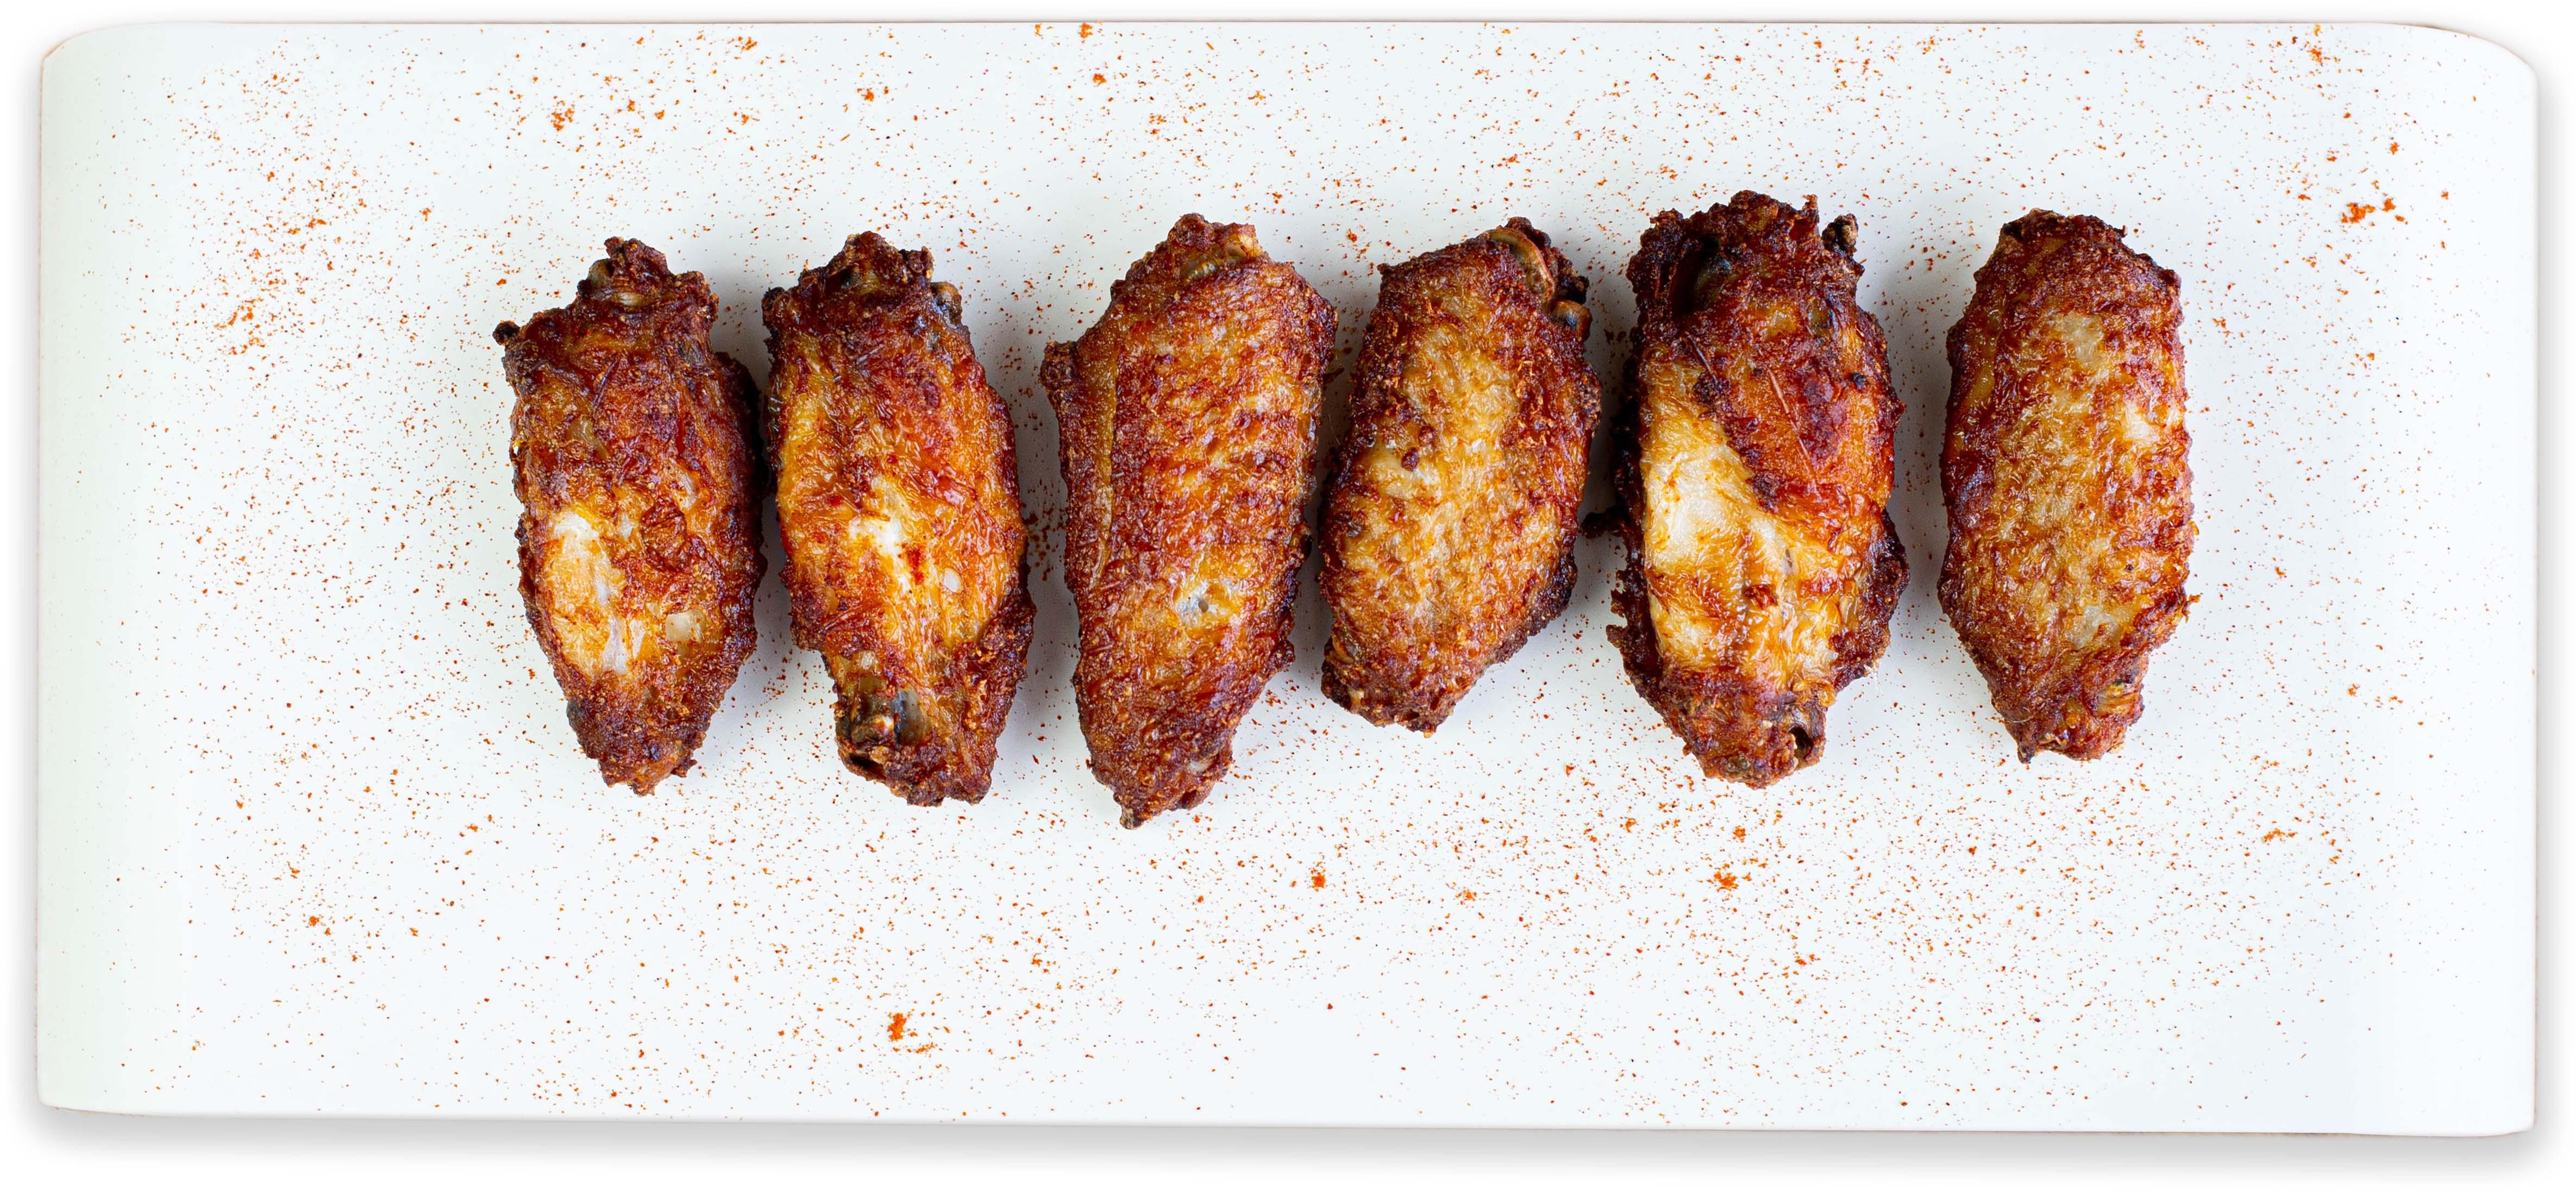 Alitas de pollo con pimentón